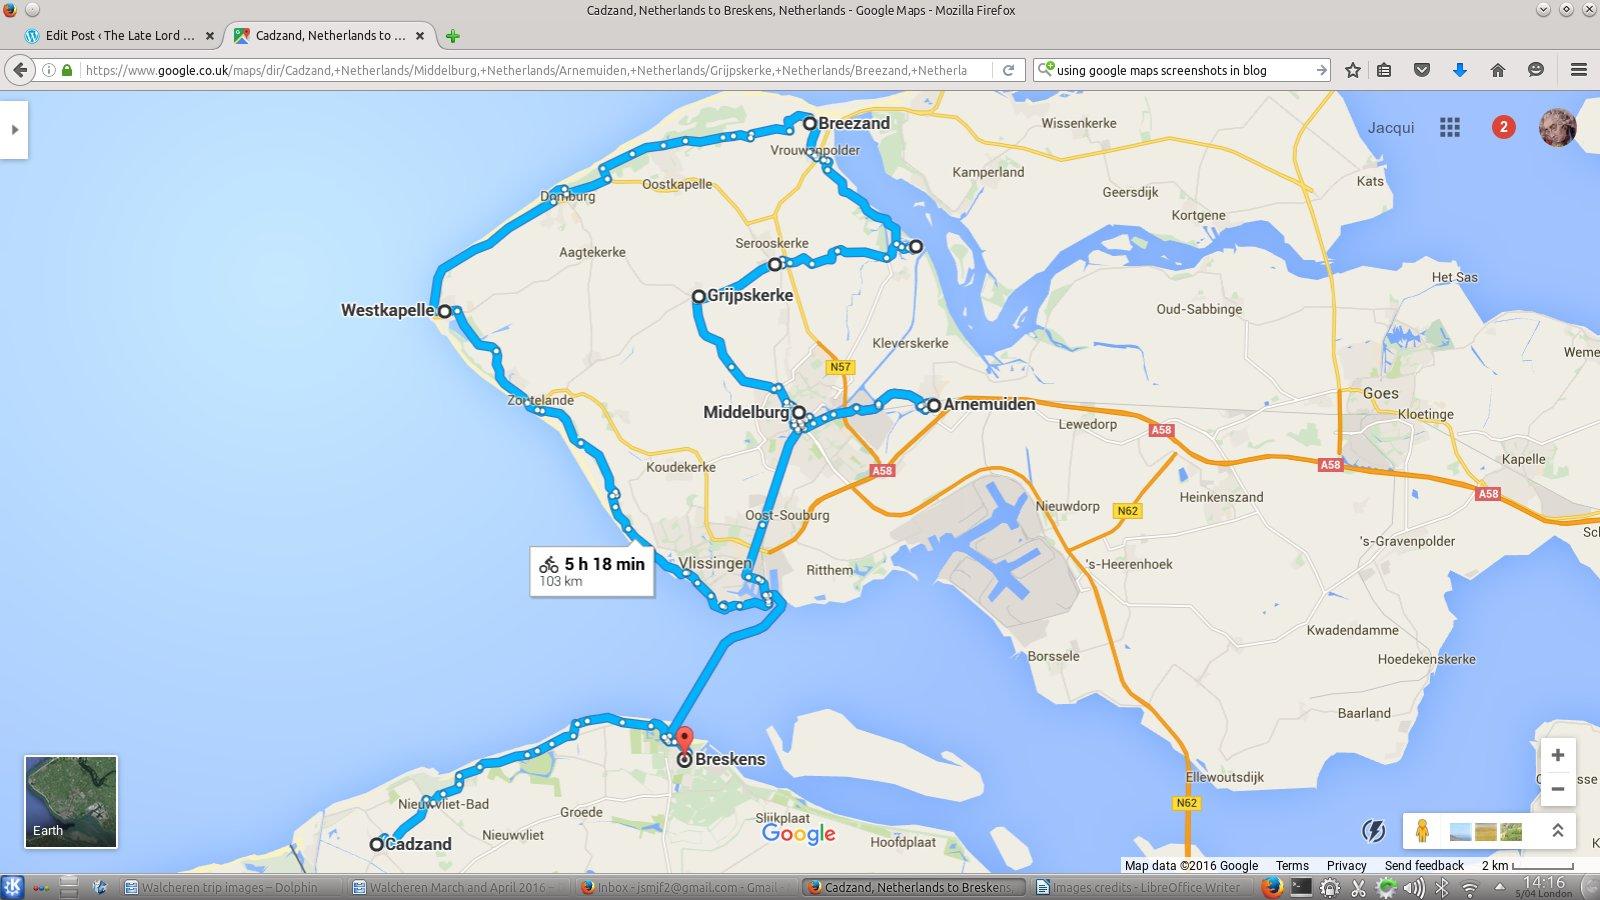 googlemaps_day10